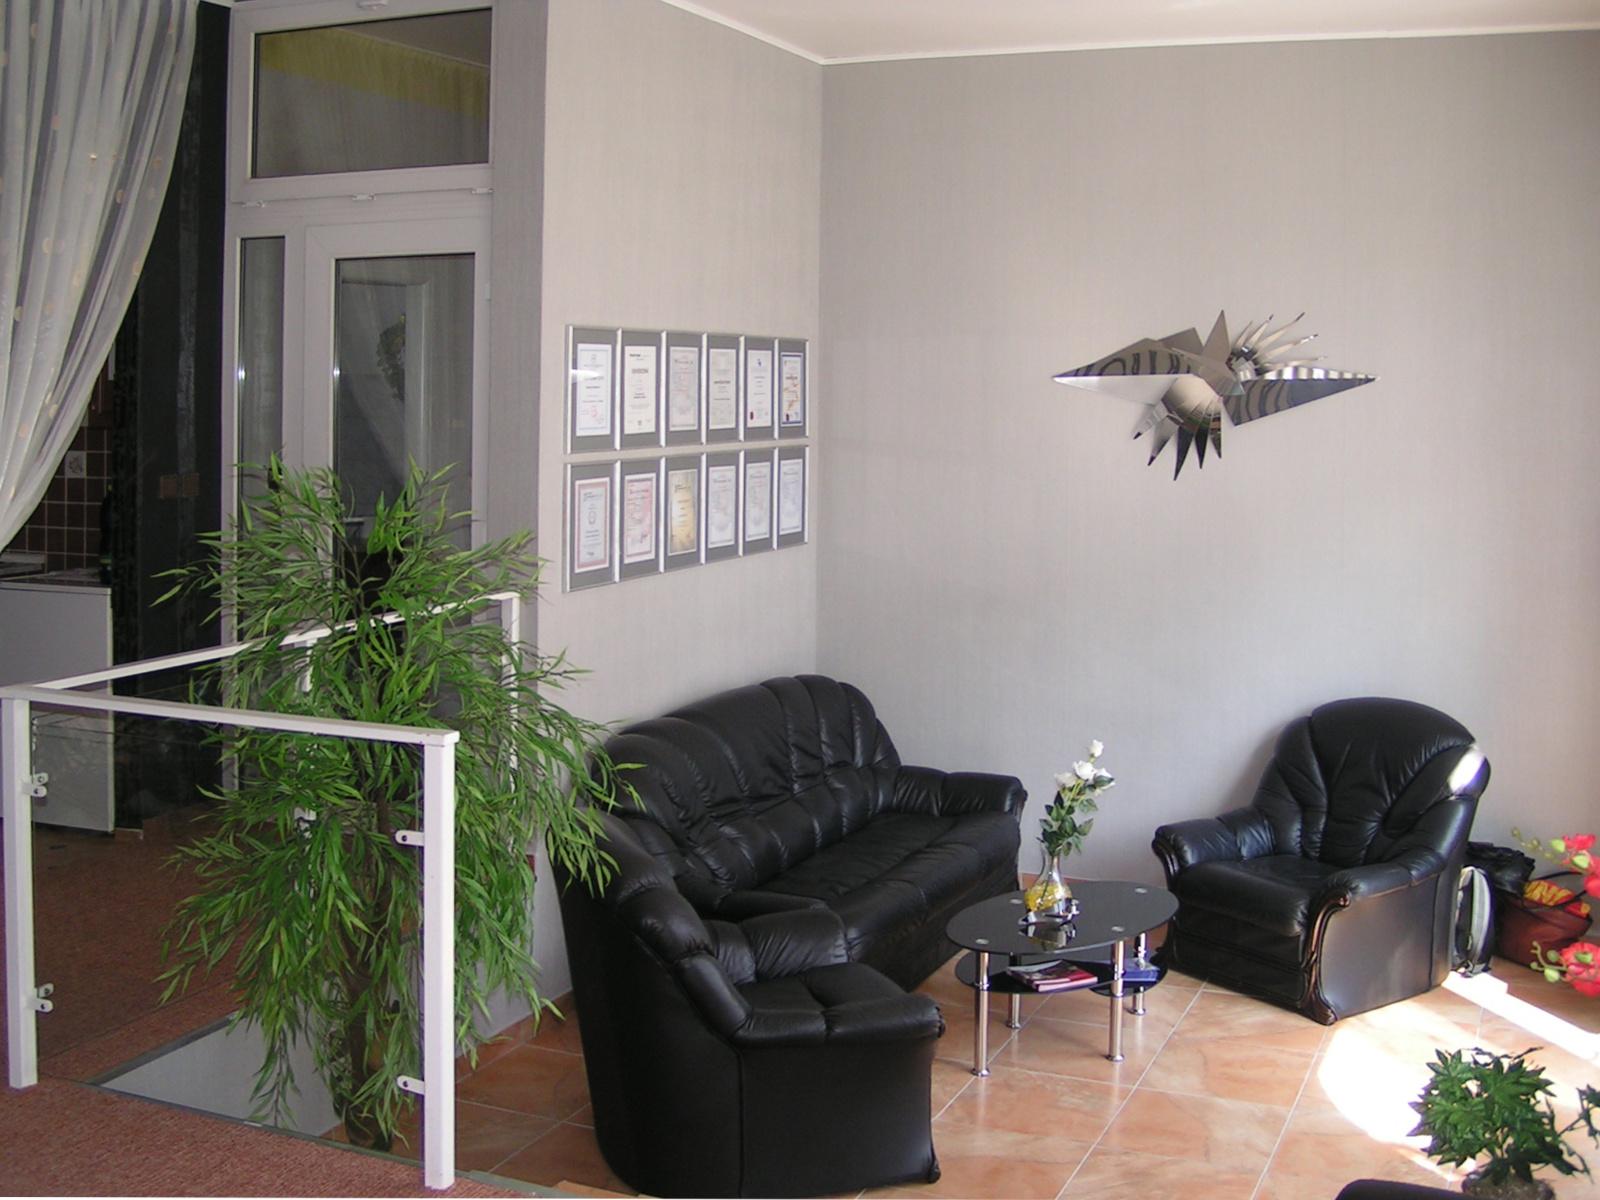 kancelar-pohrebni-sluzby-mlada-boleslav-laurinova (9)